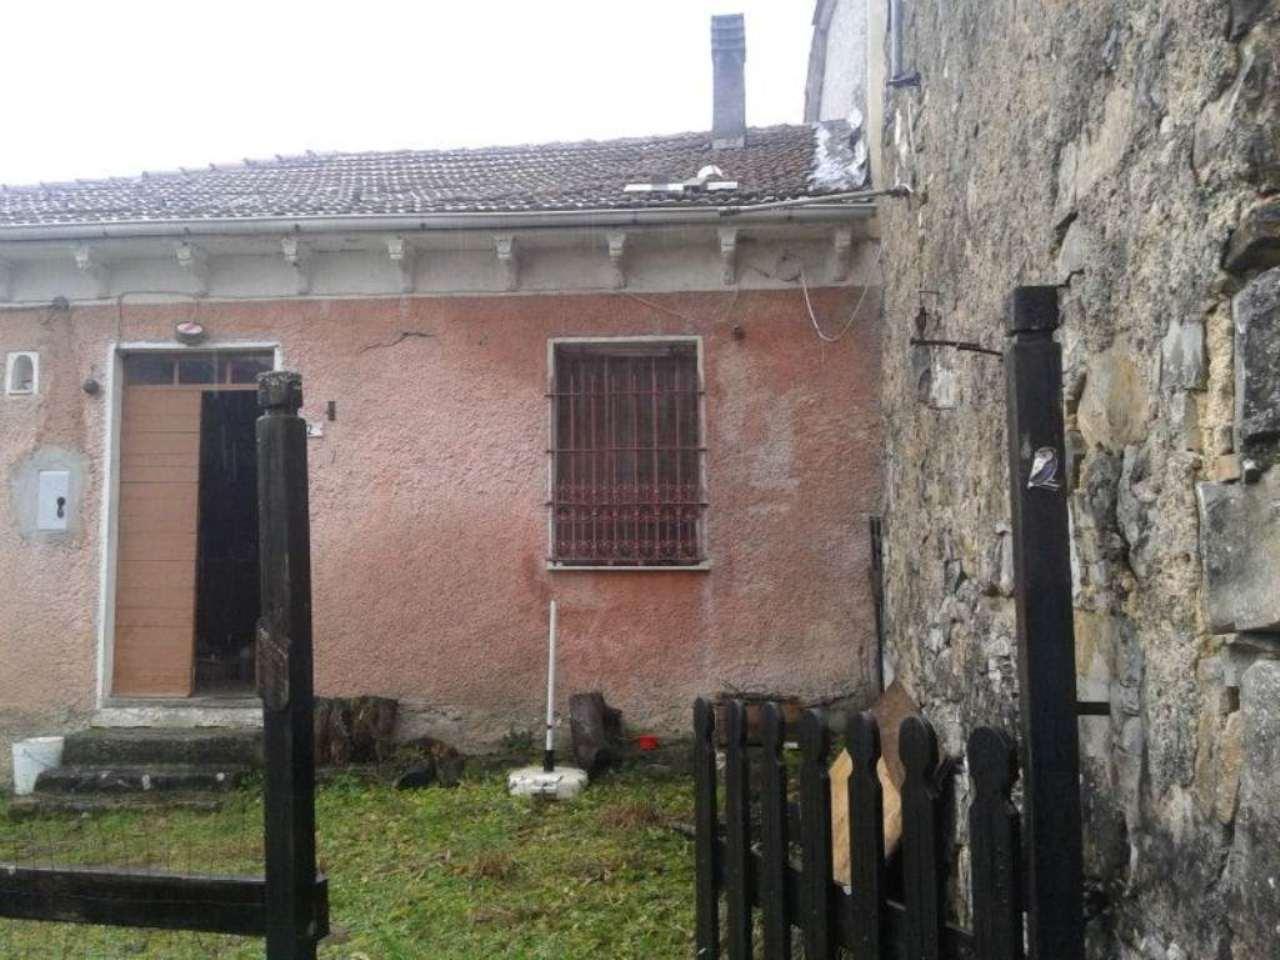 Soluzione Indipendente in vendita a Mongiardino Ligure, 6 locali, prezzo € 35.000 | CambioCasa.it